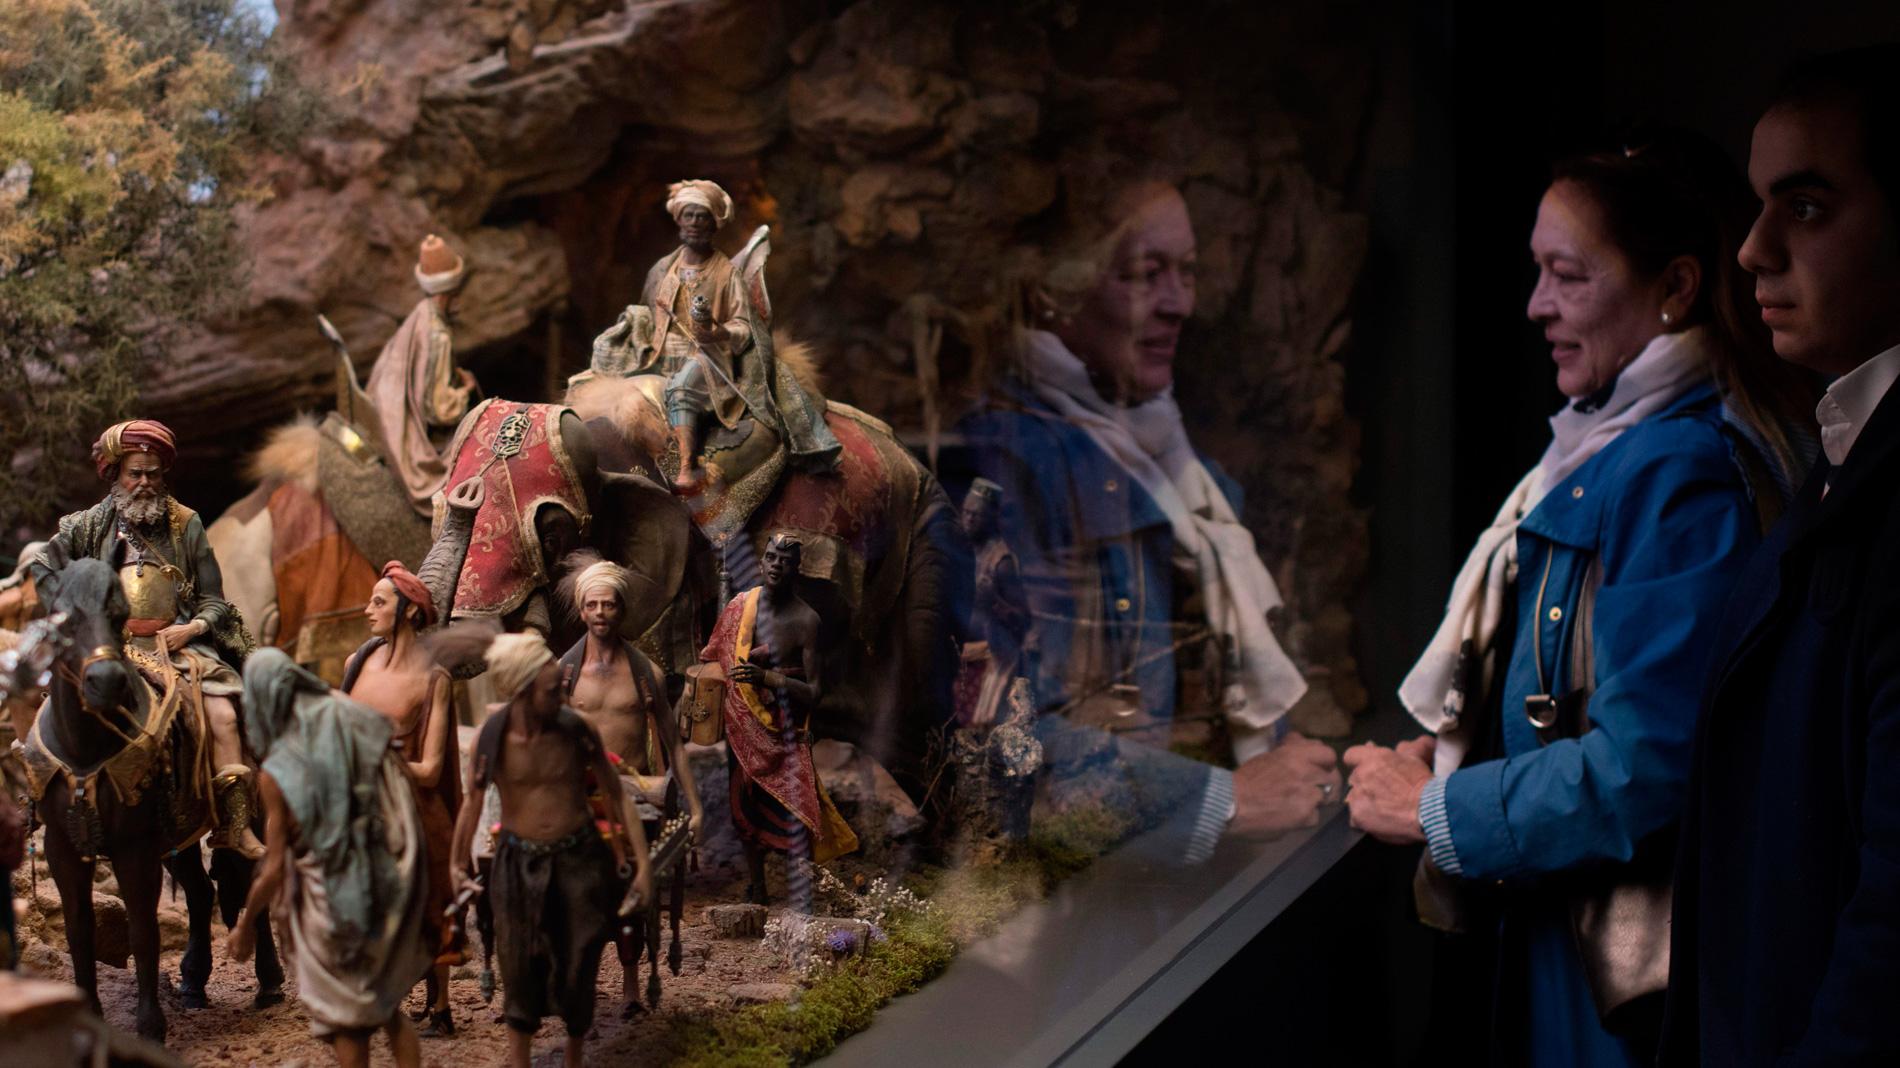 La exposición permanente de belenes más grande del mundo abre sus puertas en Molina, en Málaga